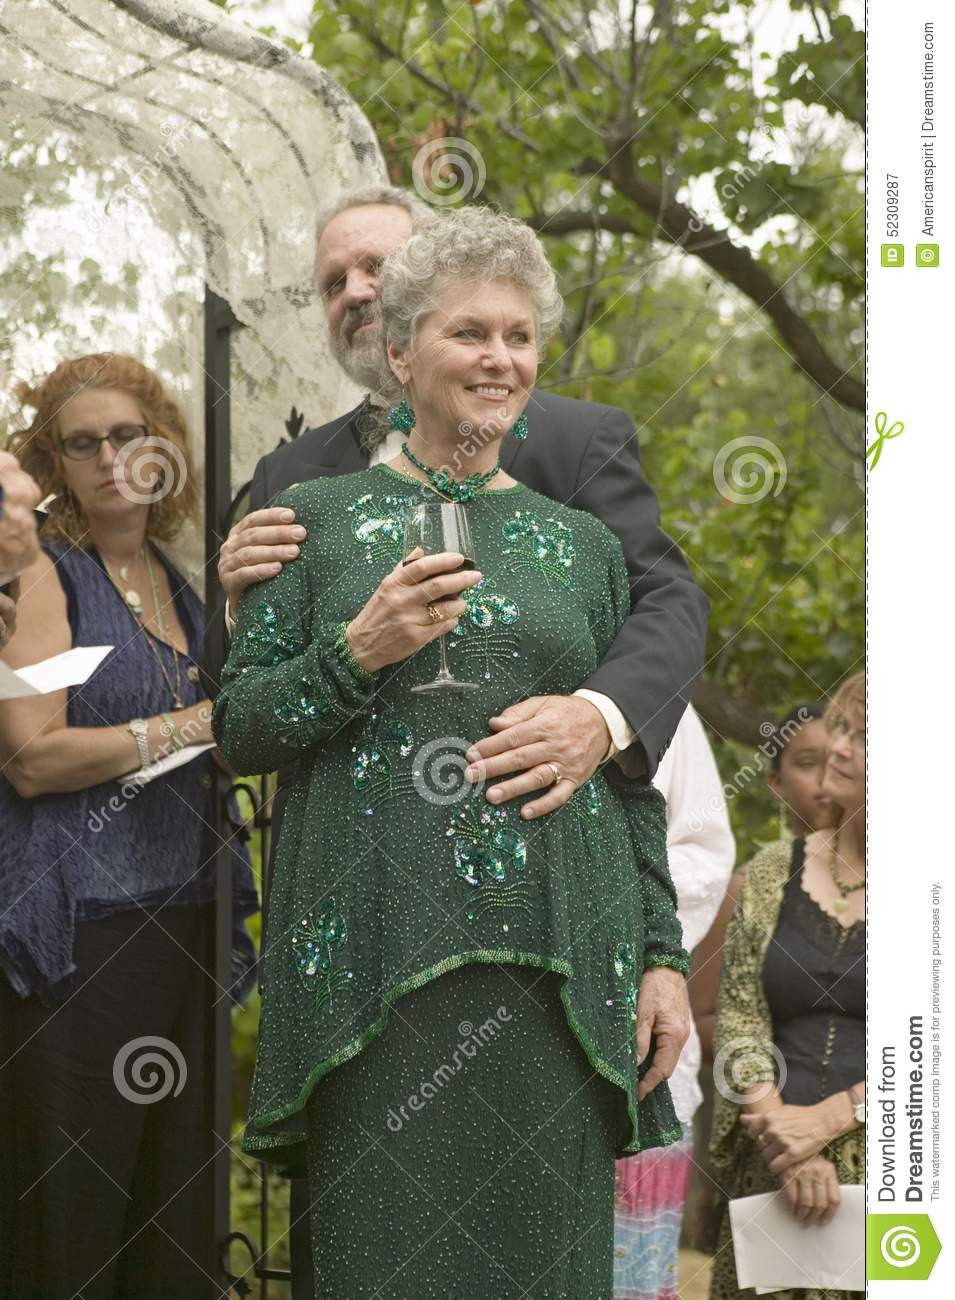 Braut, Bräutigam Und Gäste Teilen Wein An Einer